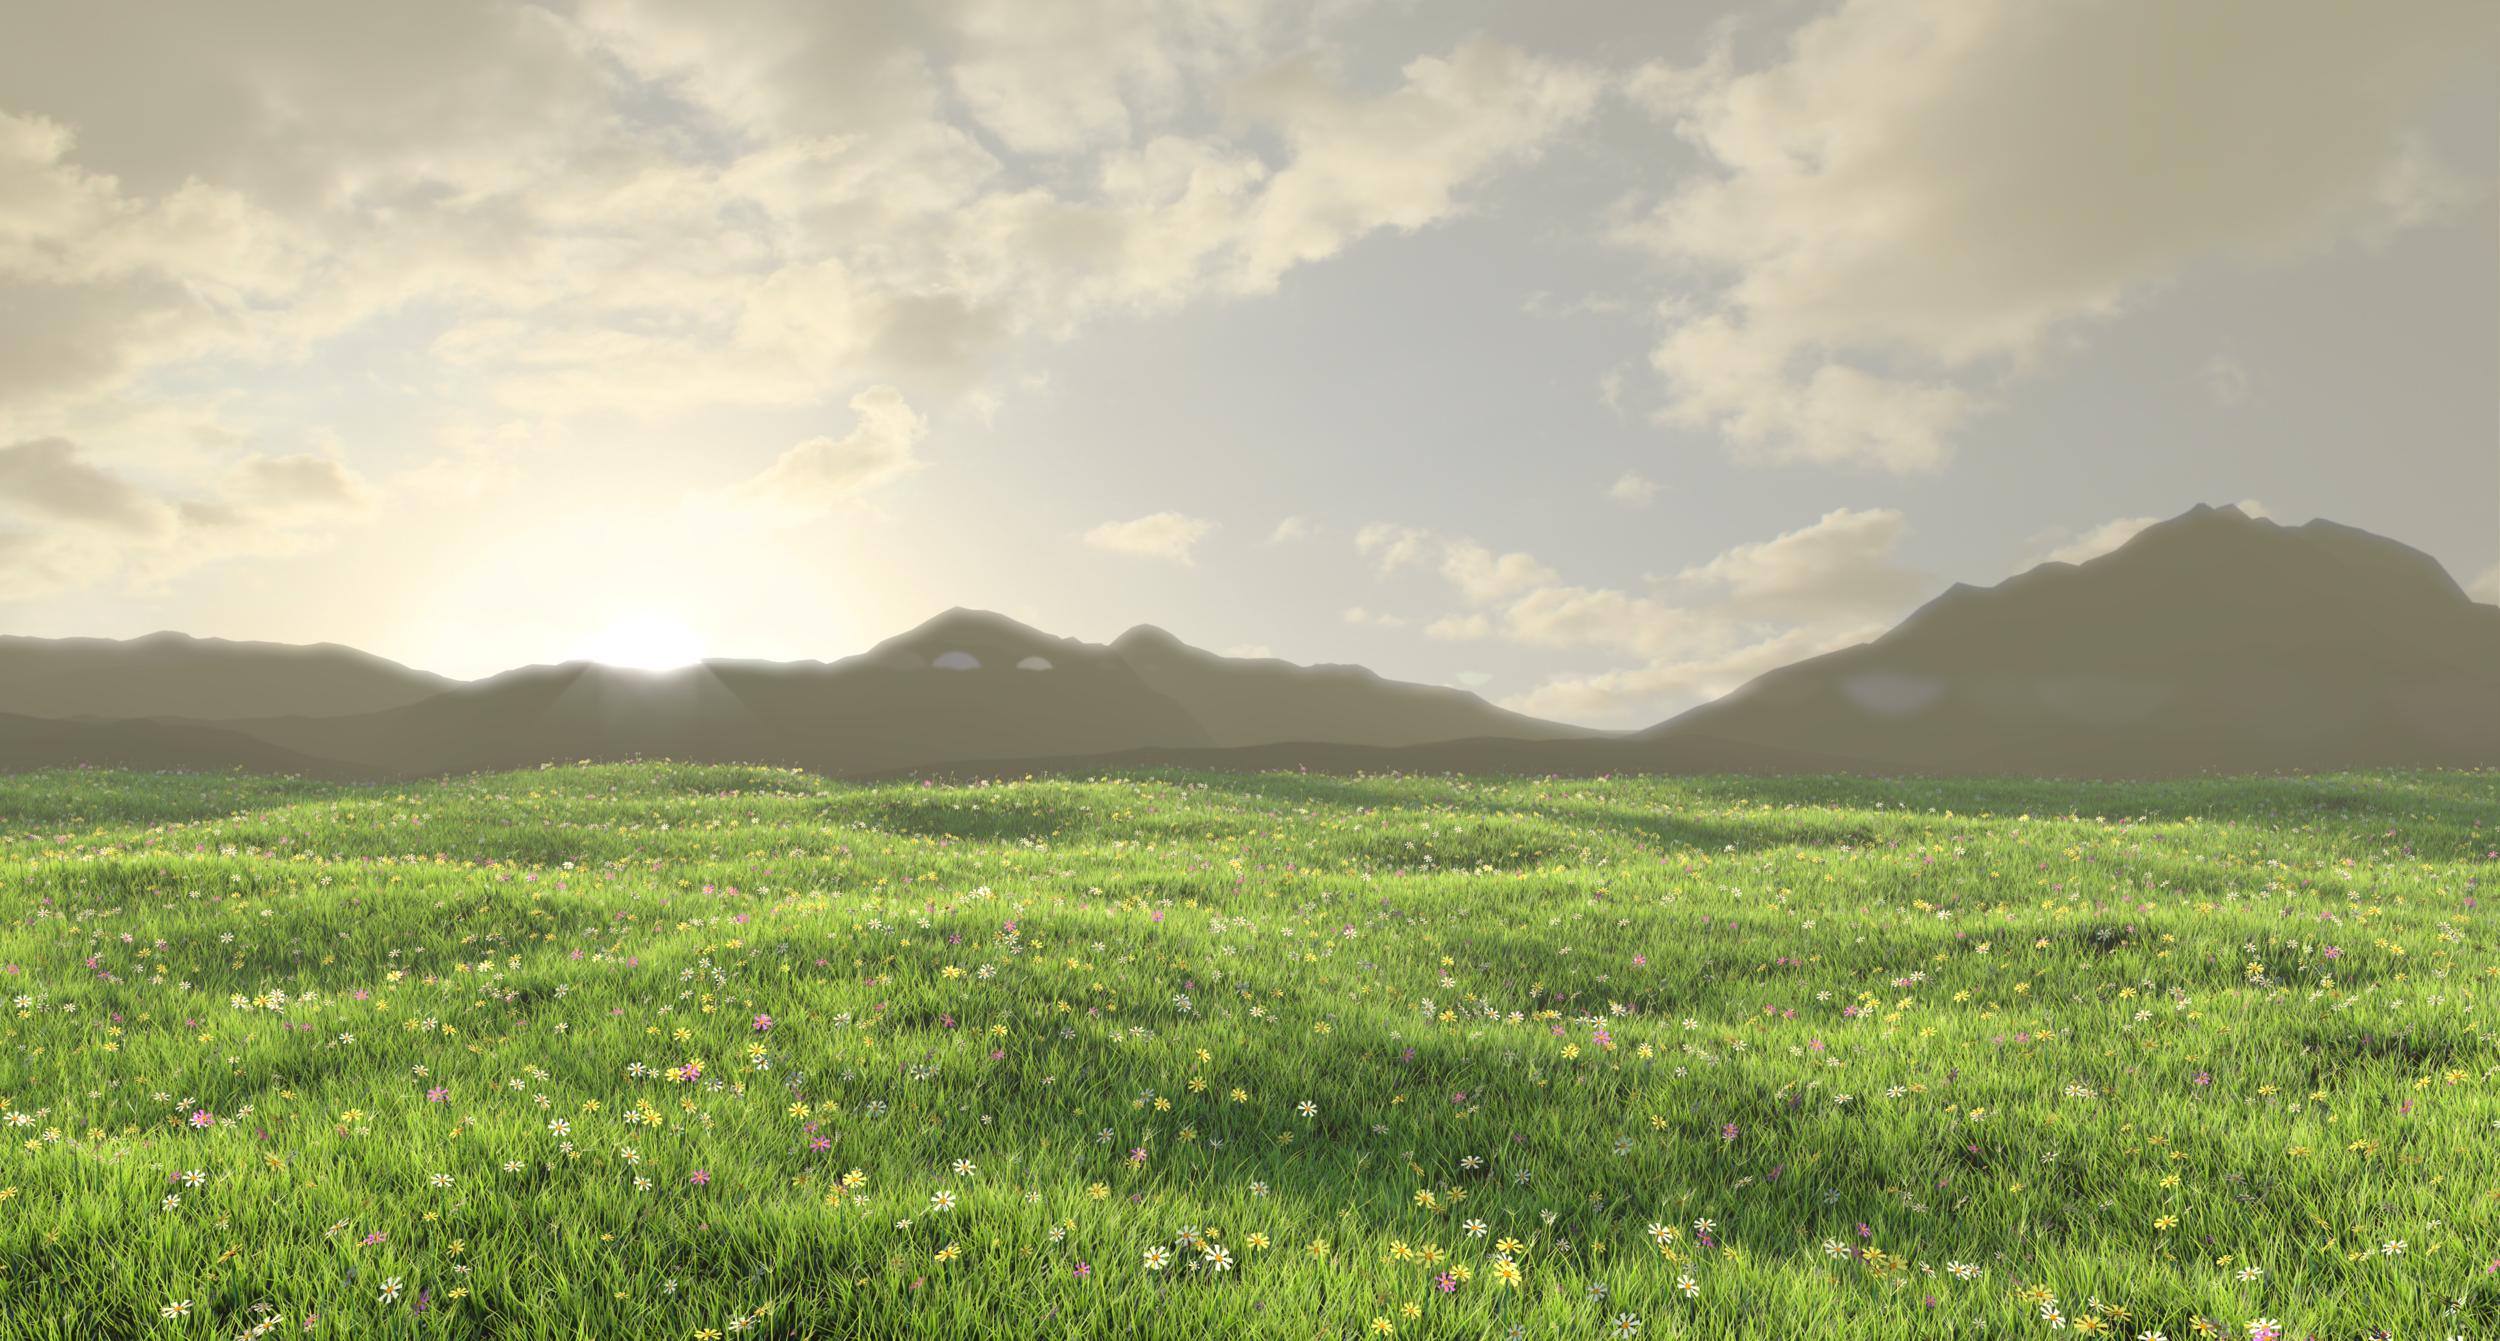 Grass environment